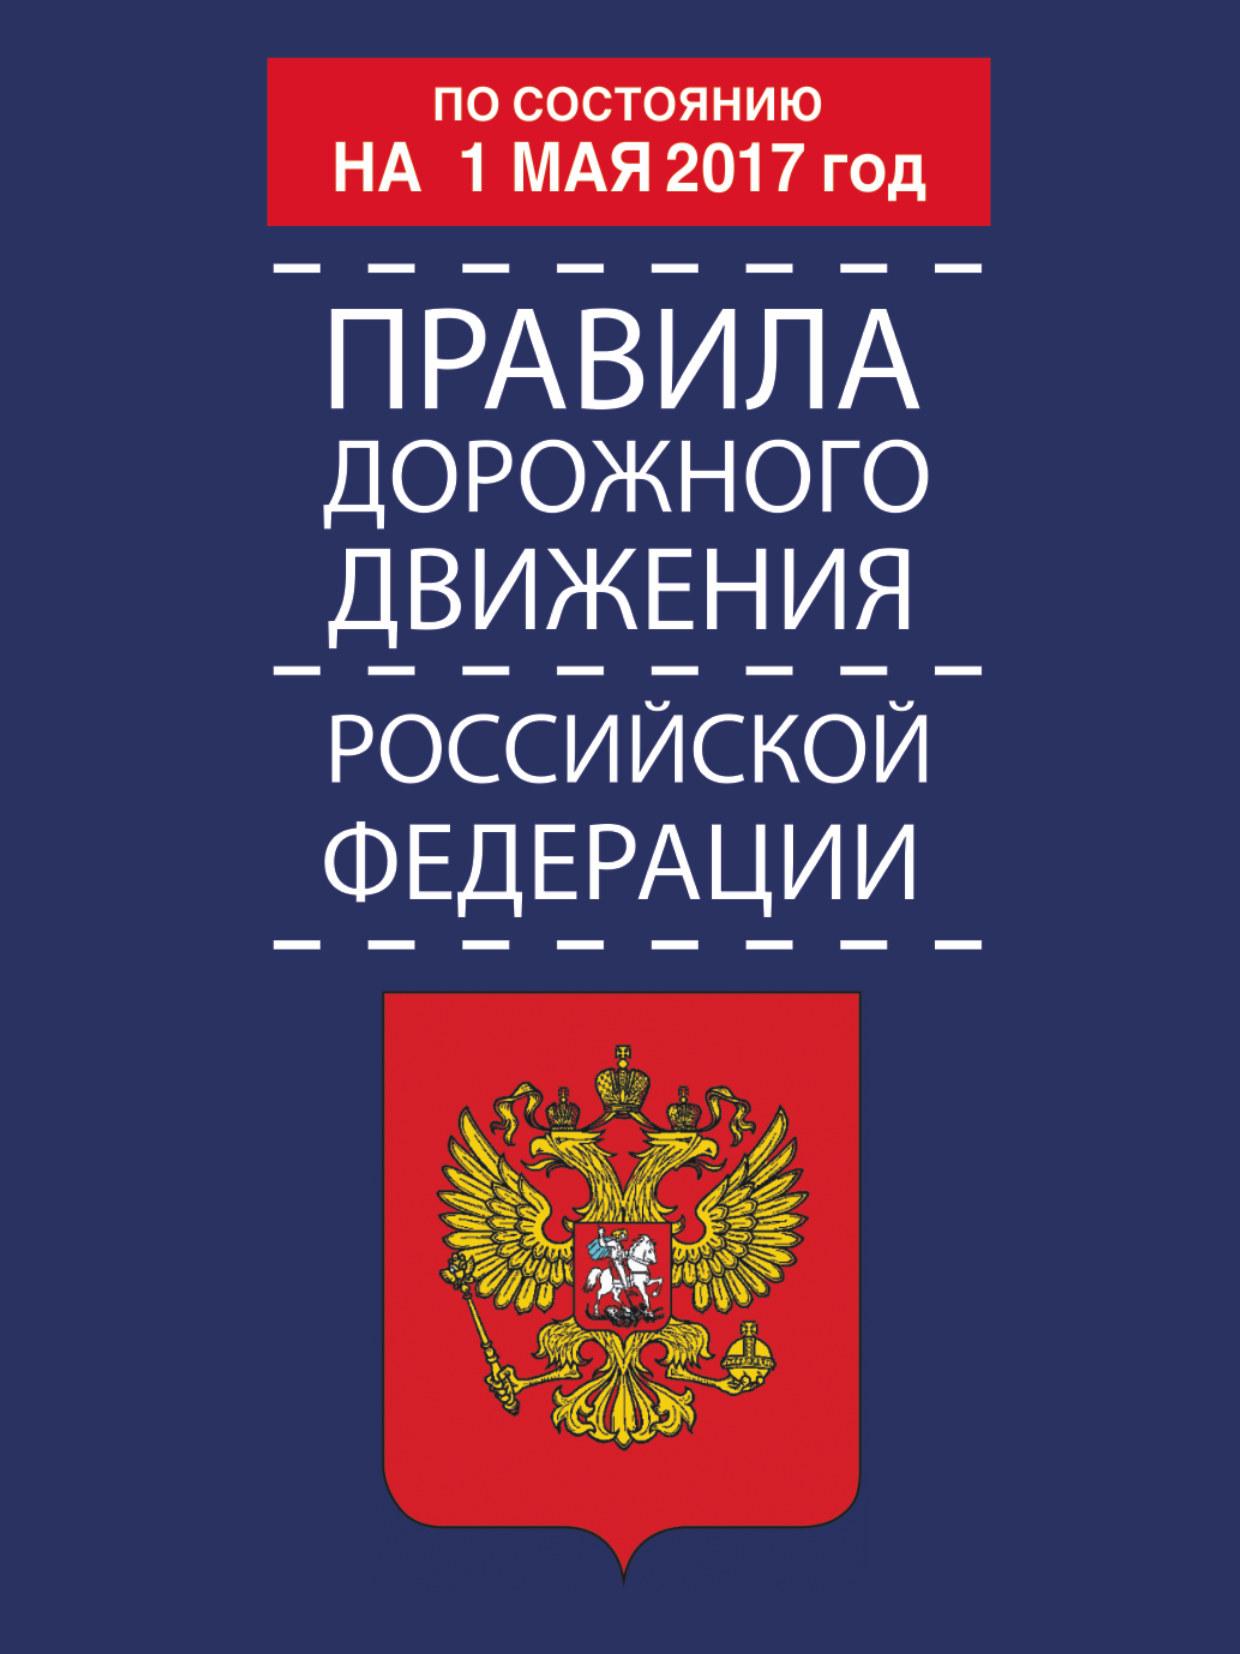 Правила дорожного движения Российской Федерации по состоянию на 1 мая 2017 год